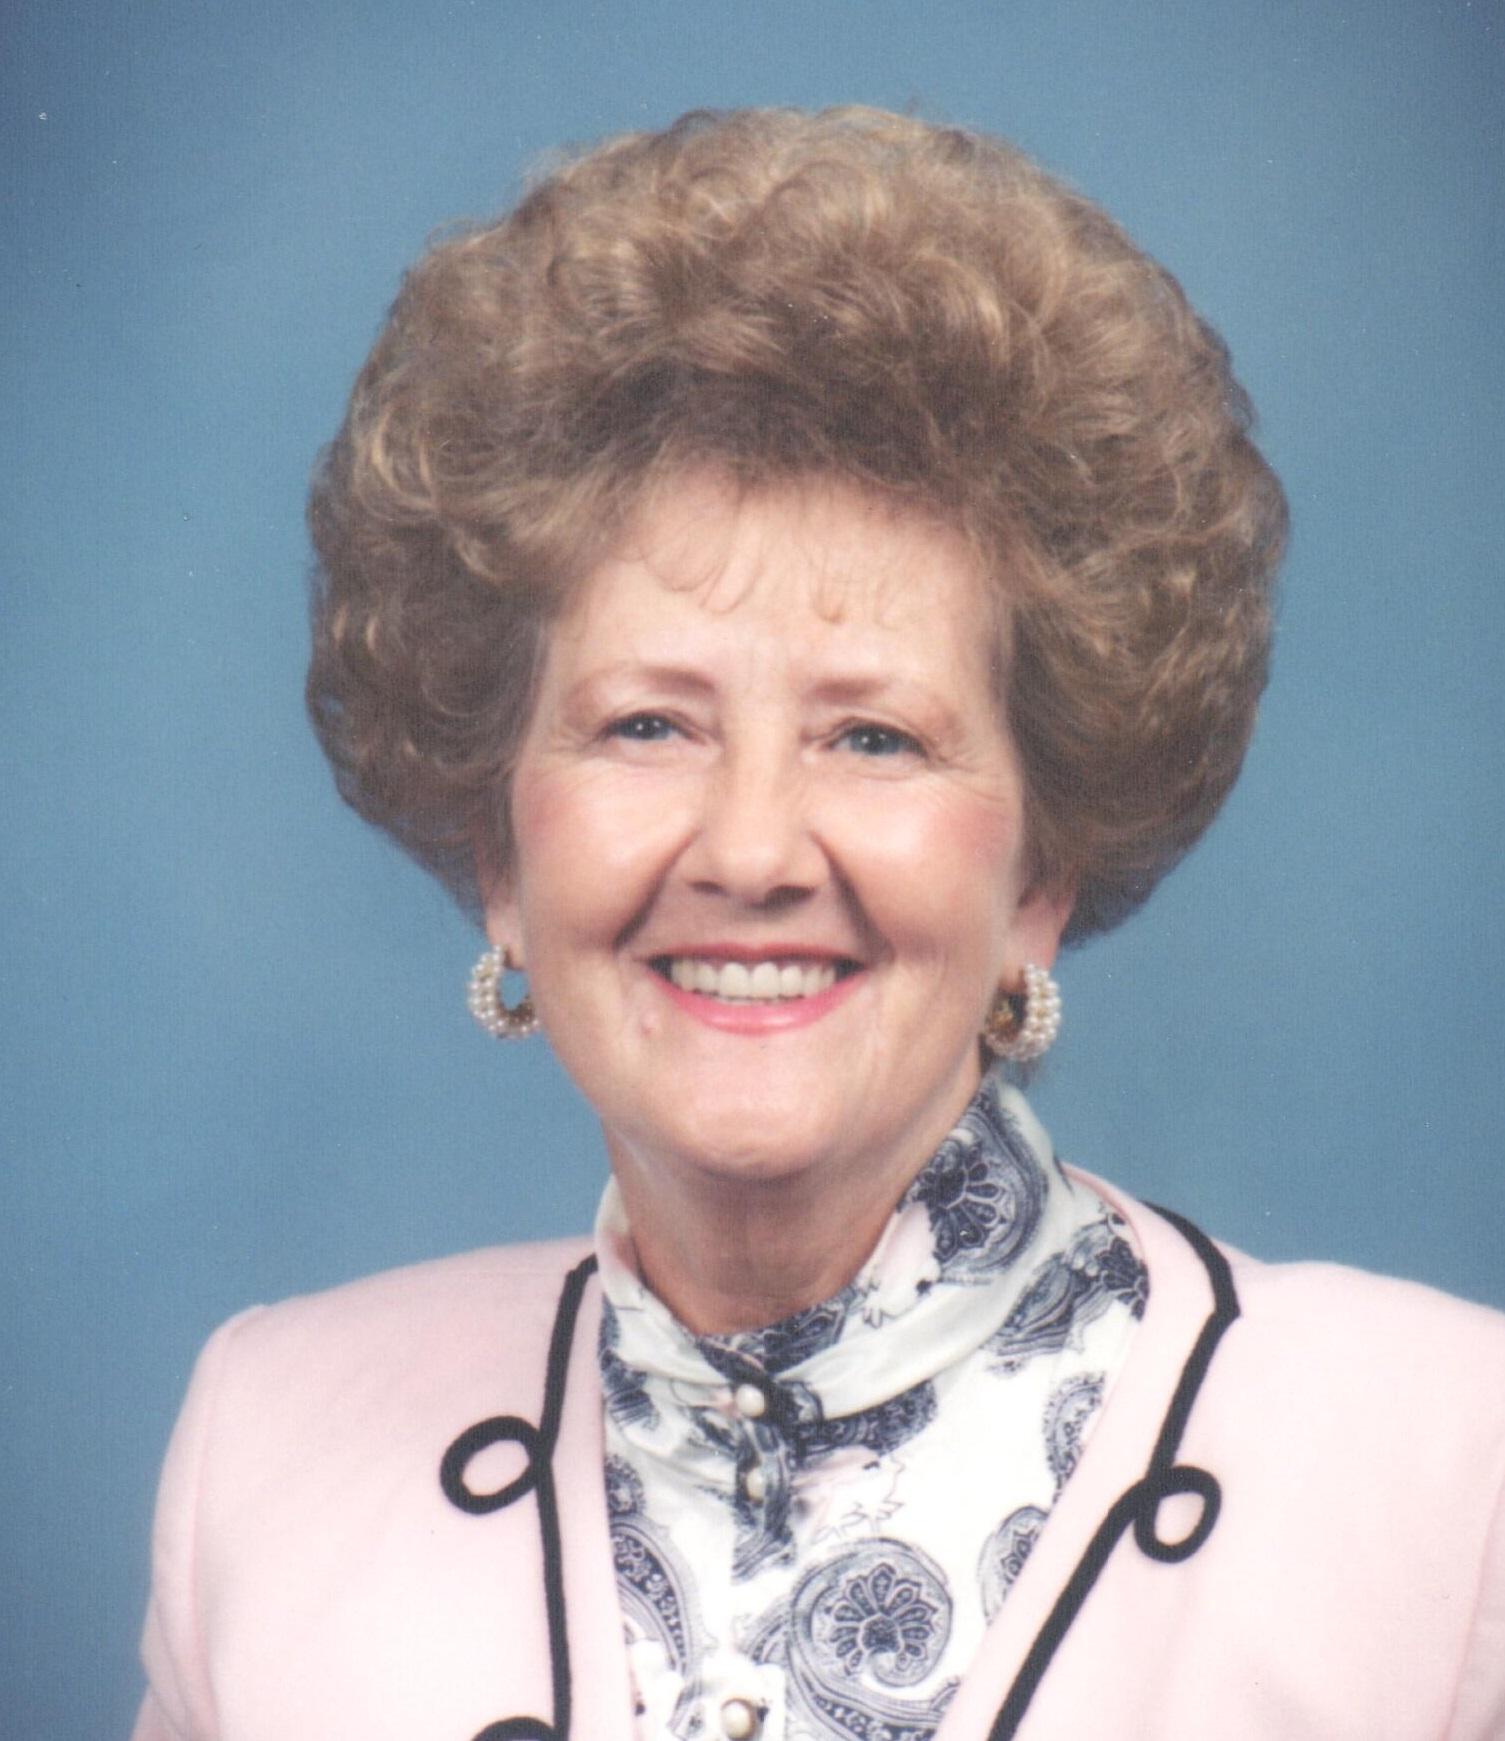 Doris V. Gutzweiler, age 85 of Jasper